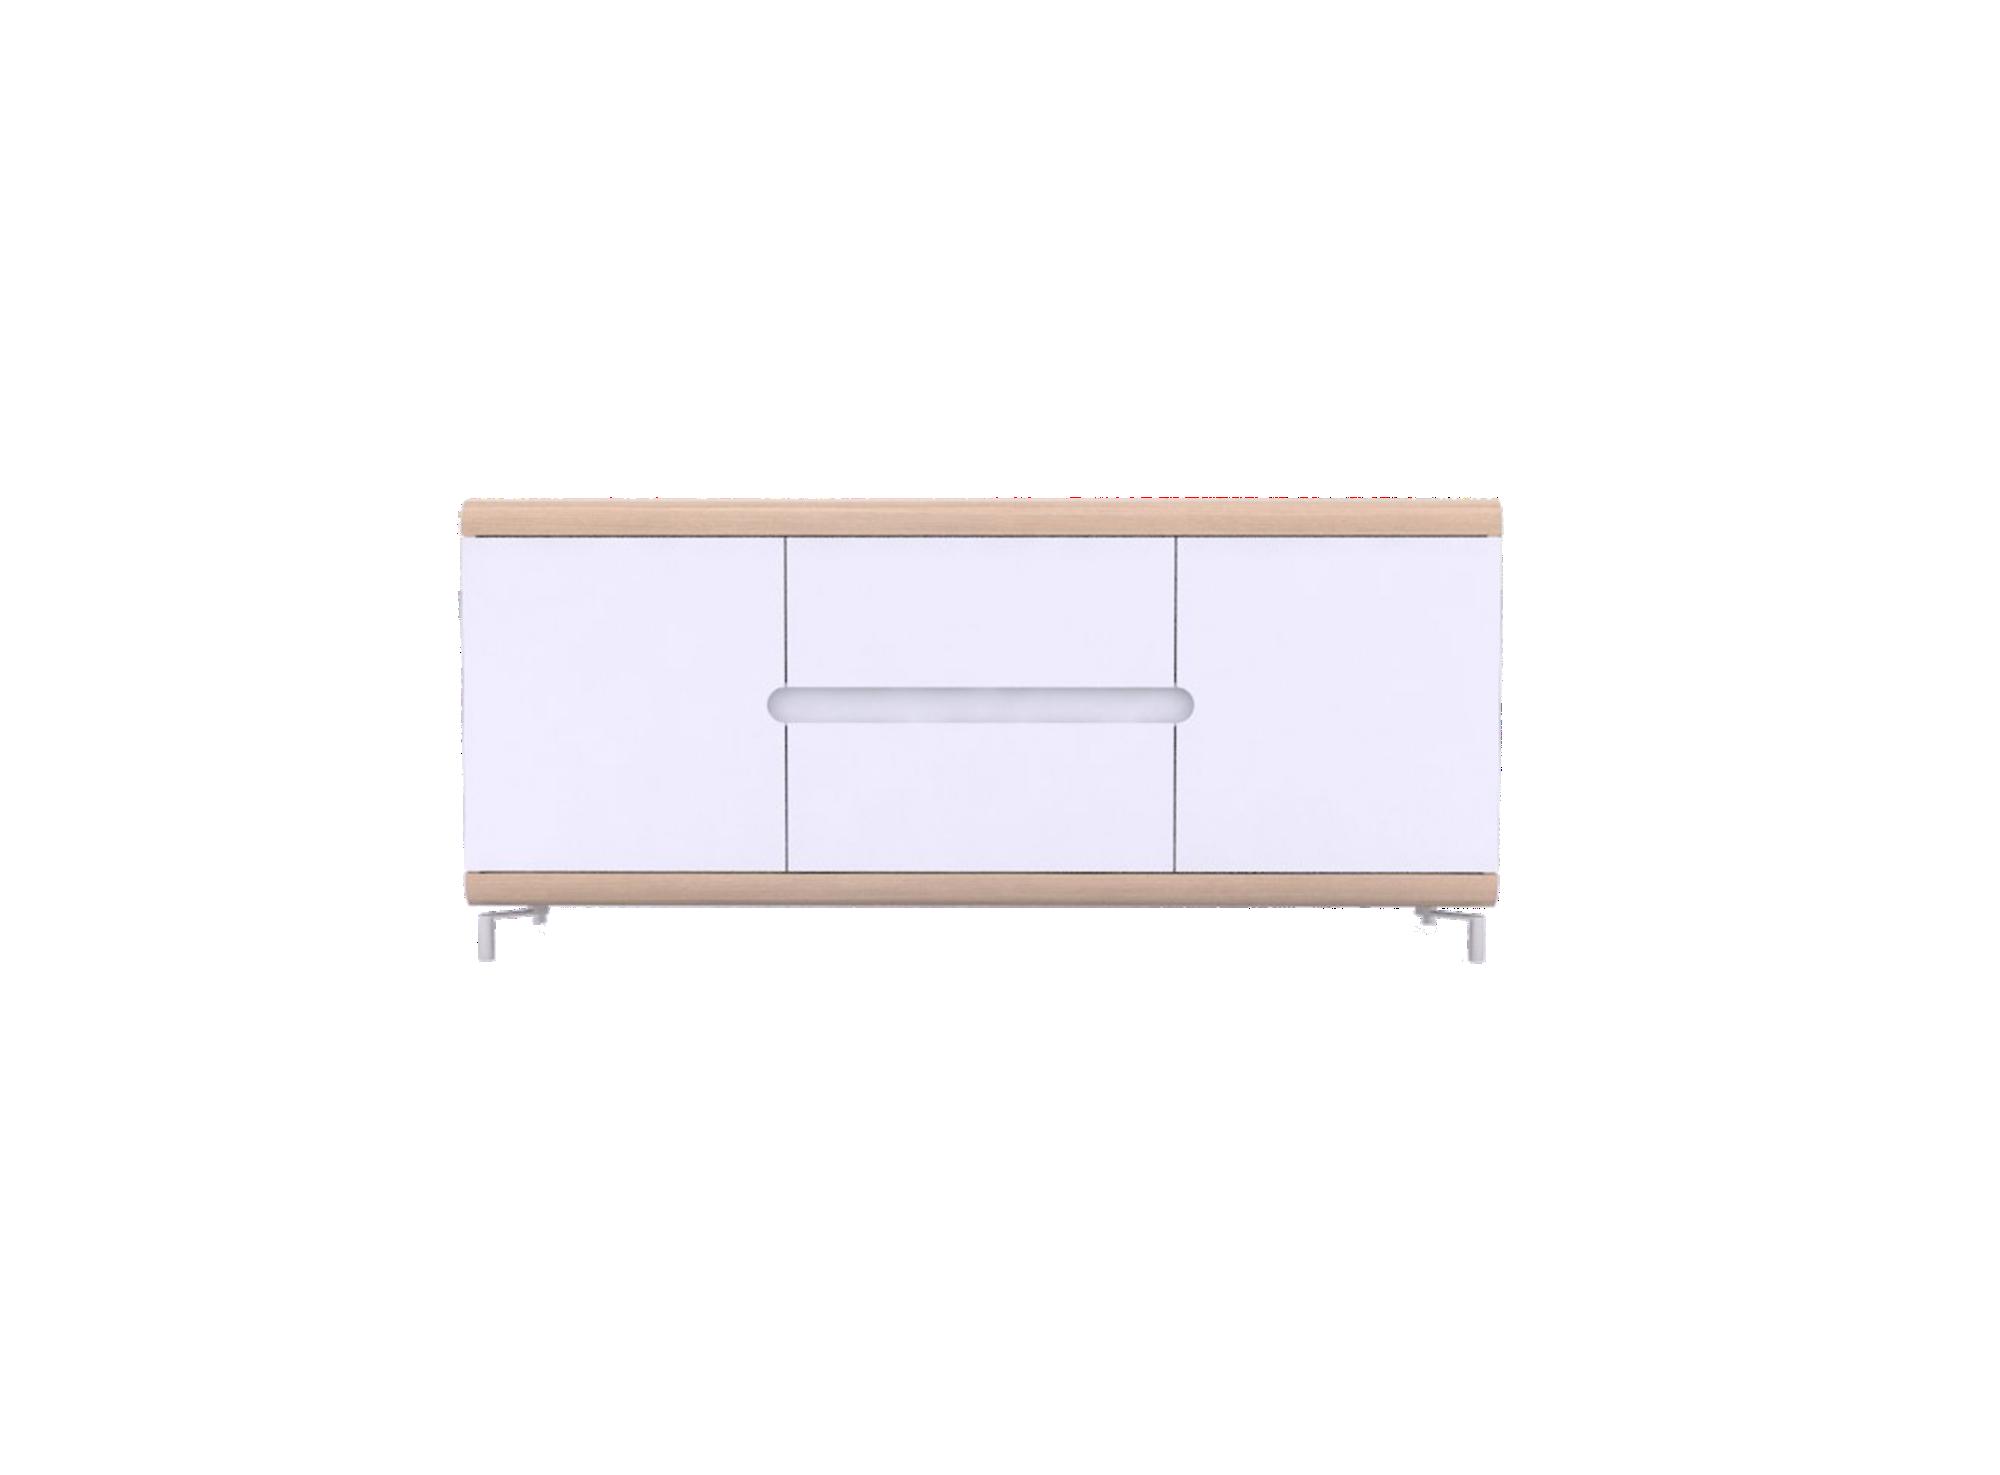 Bahut bas 2portes 2tiroirs che ne/blanc structure panneaux de particu ...